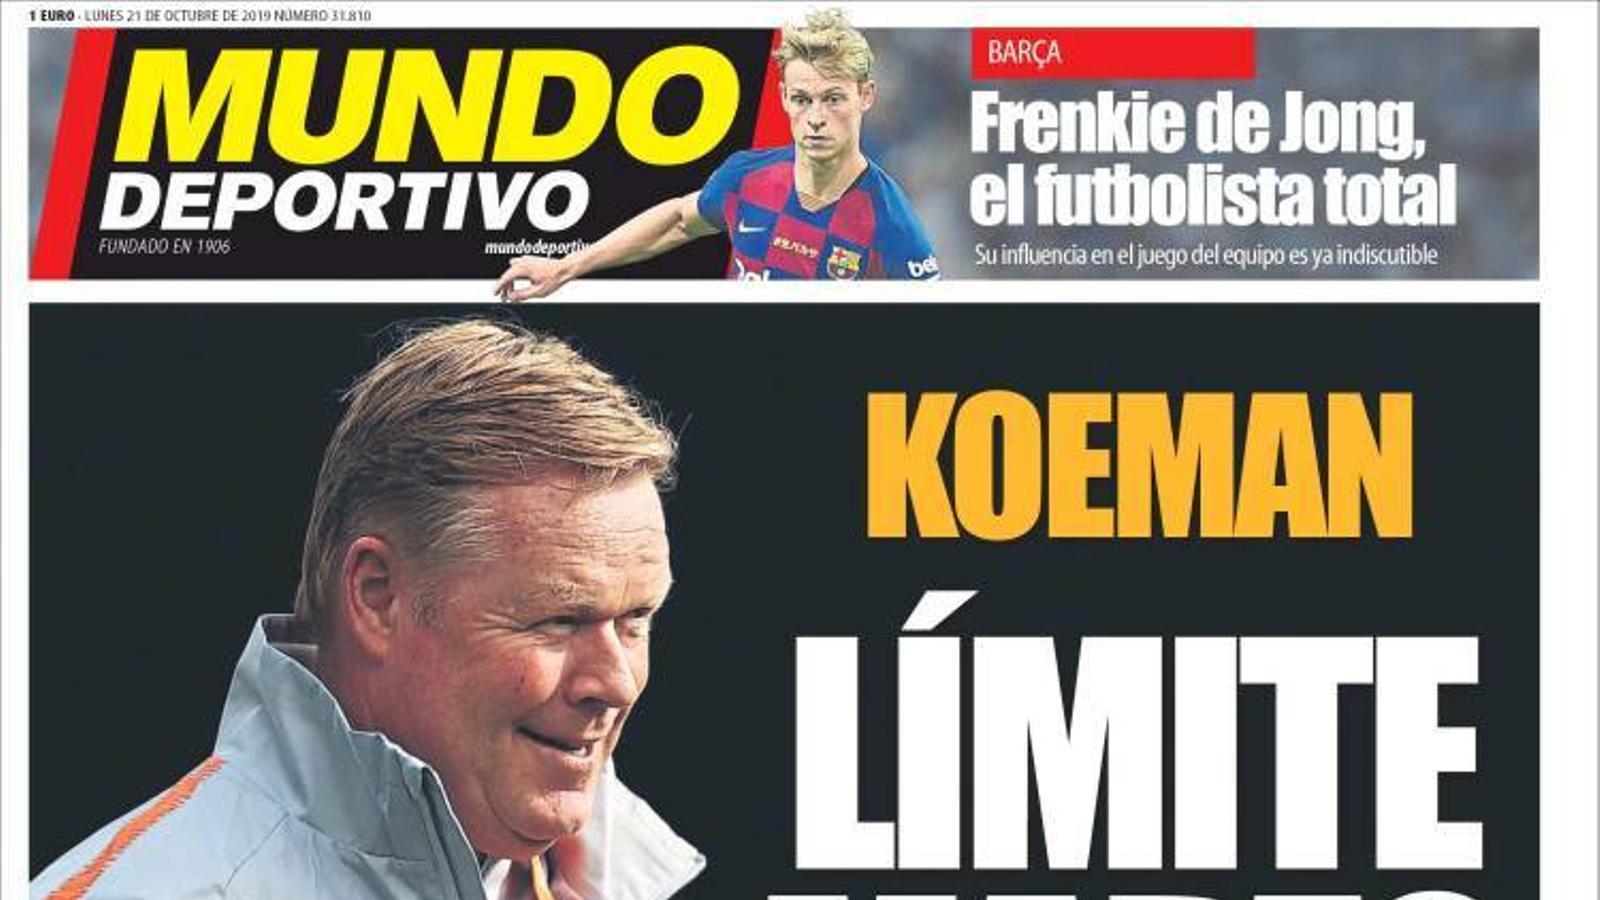 Portada 21 octubre 2019 Mundo Deportivo